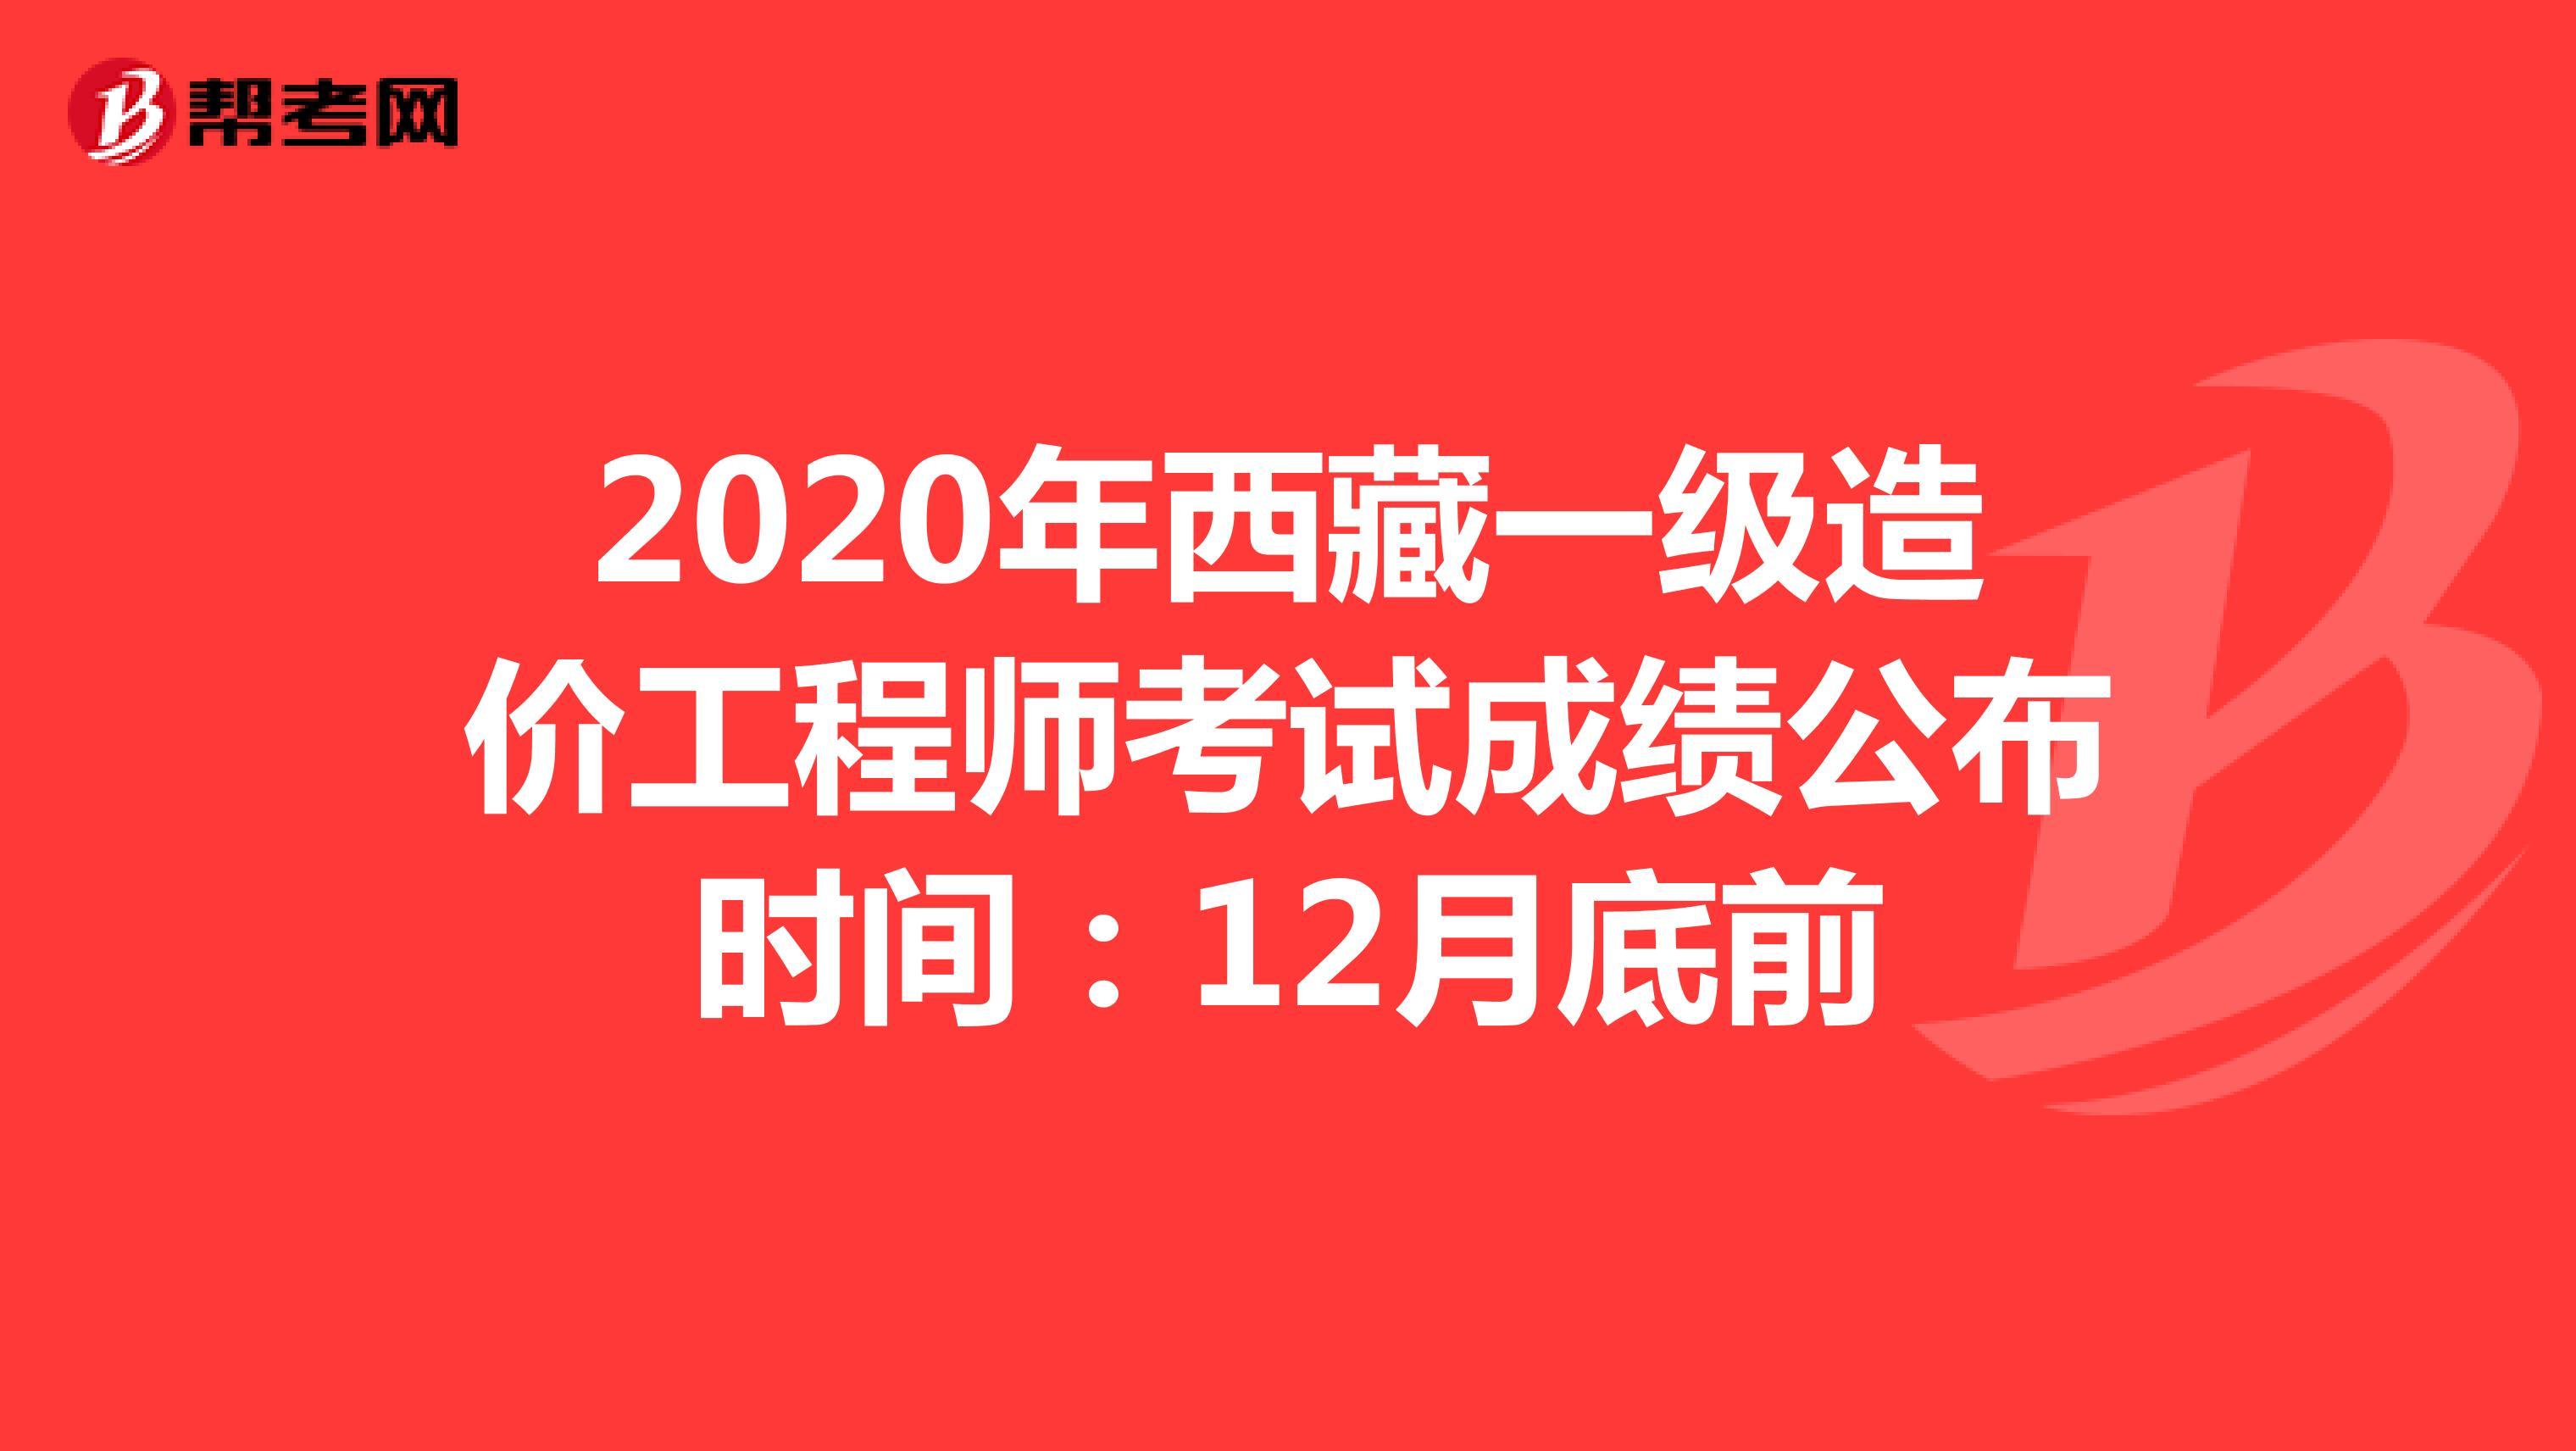 2020年西藏一级造价工程师考试成绩公布时间:12月底前